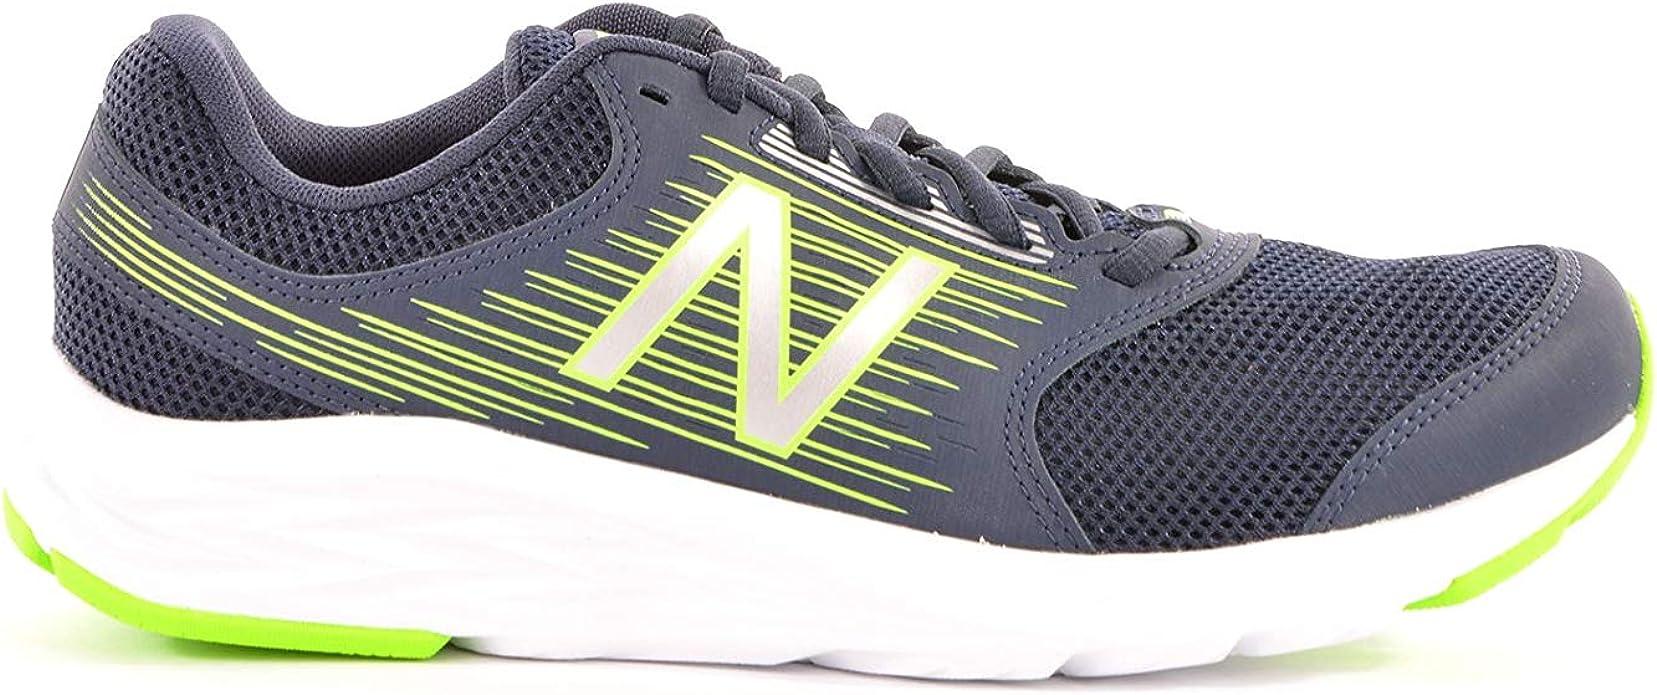 New Balance 411, Zapatillas de Running para Hombre: Amazon.es: Zapatos y complementos